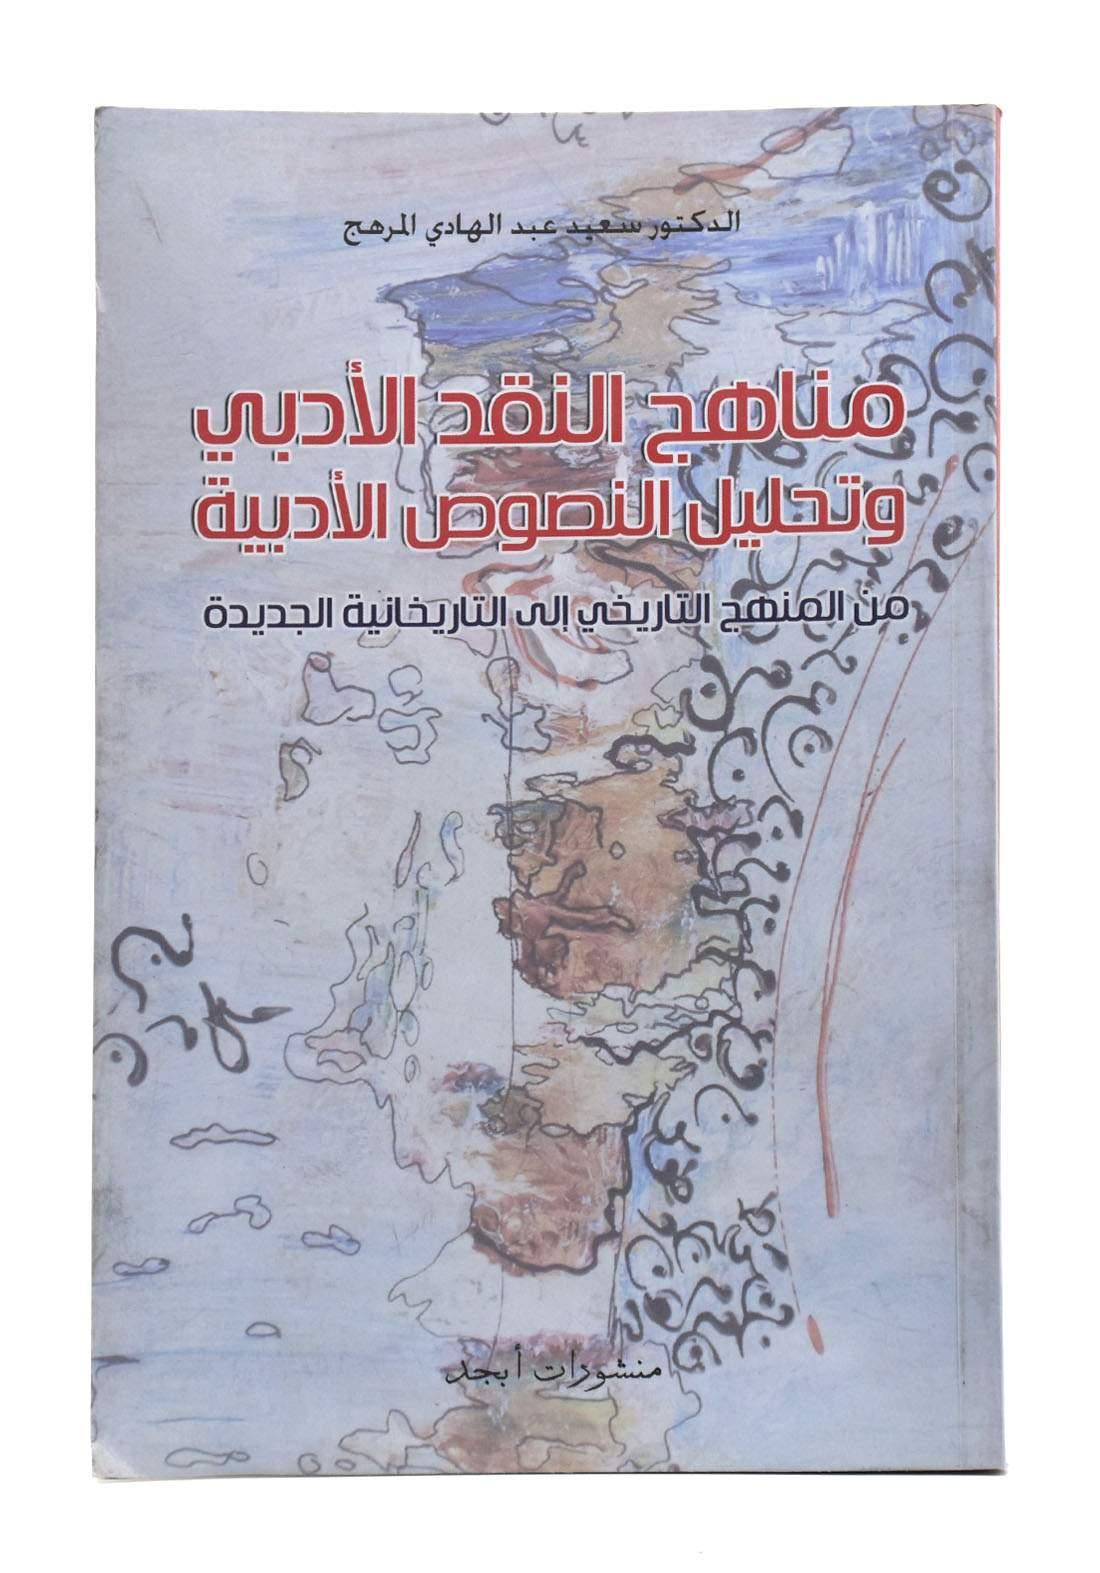 مناهج النقد الأدبي وتحليل النصوص الأدبية